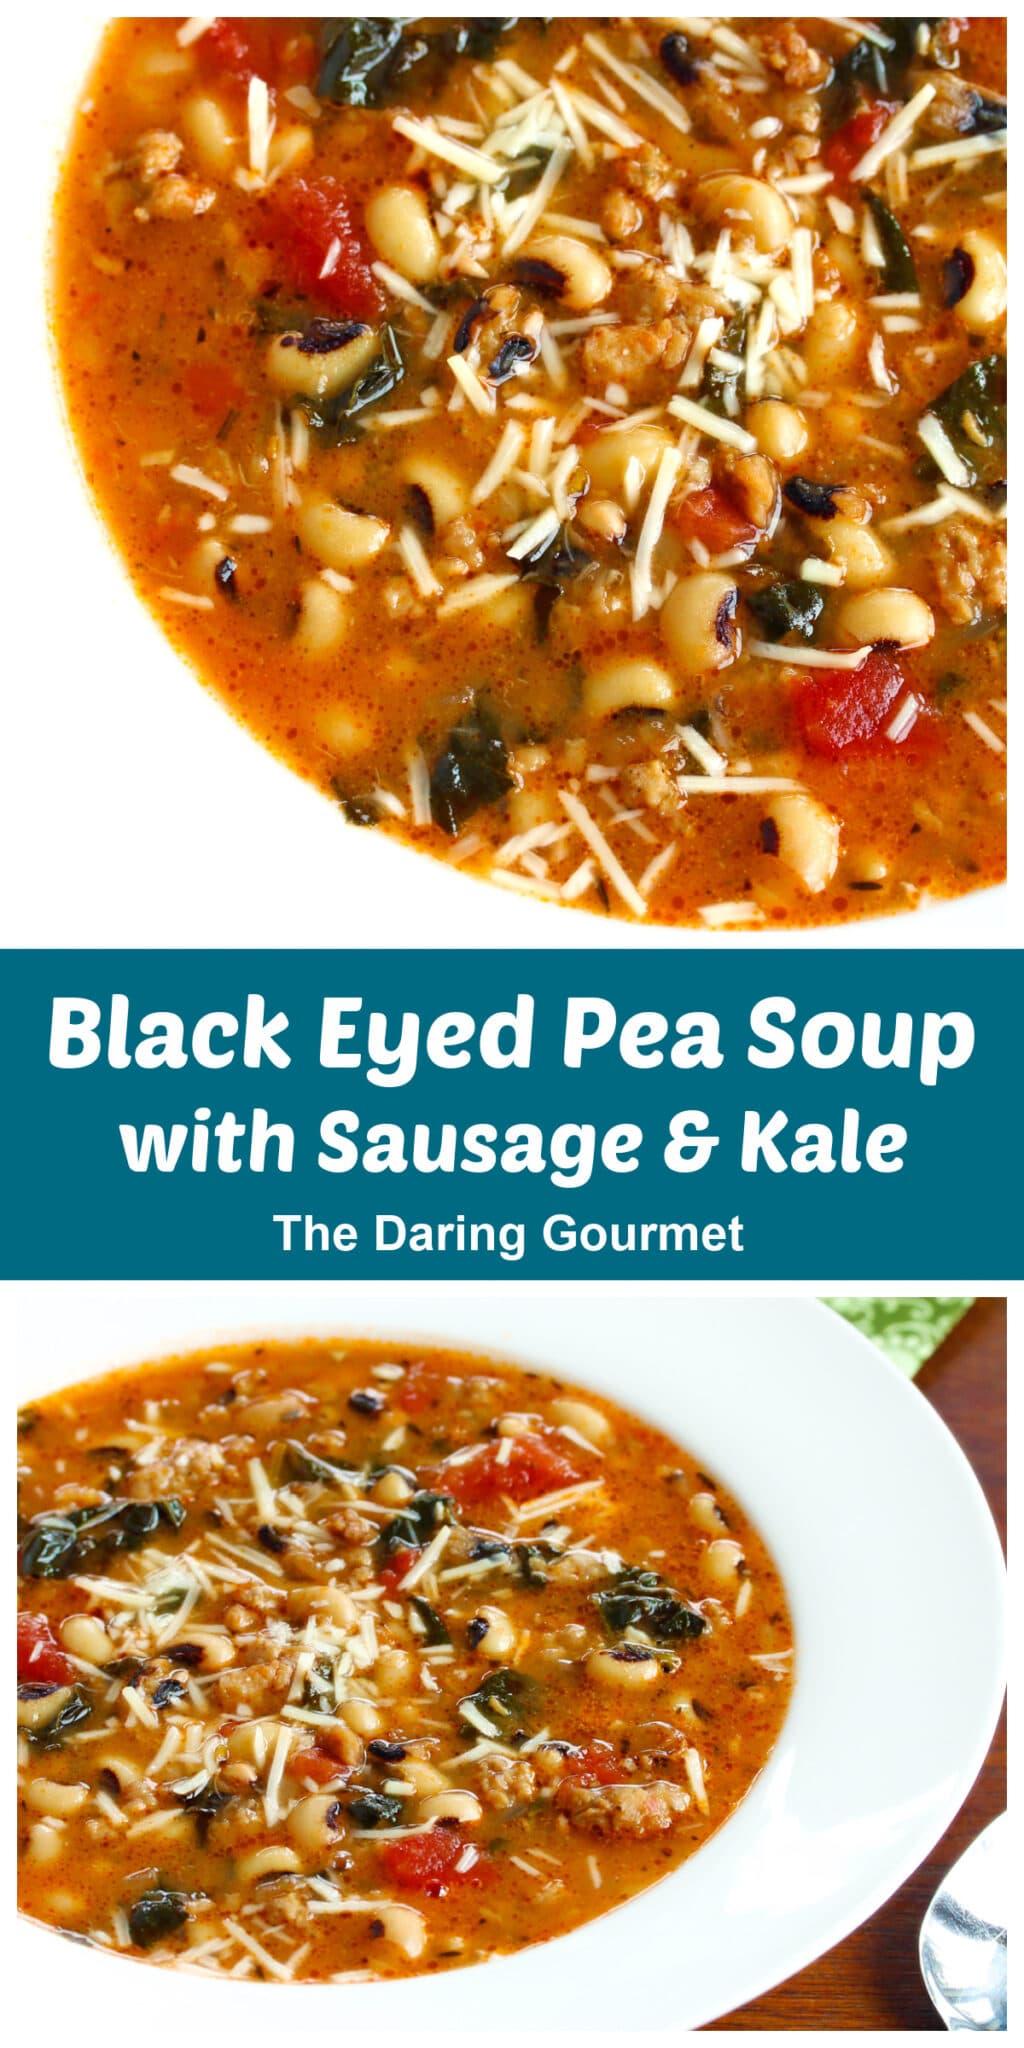 black eyed peas soup recipe sausage kale